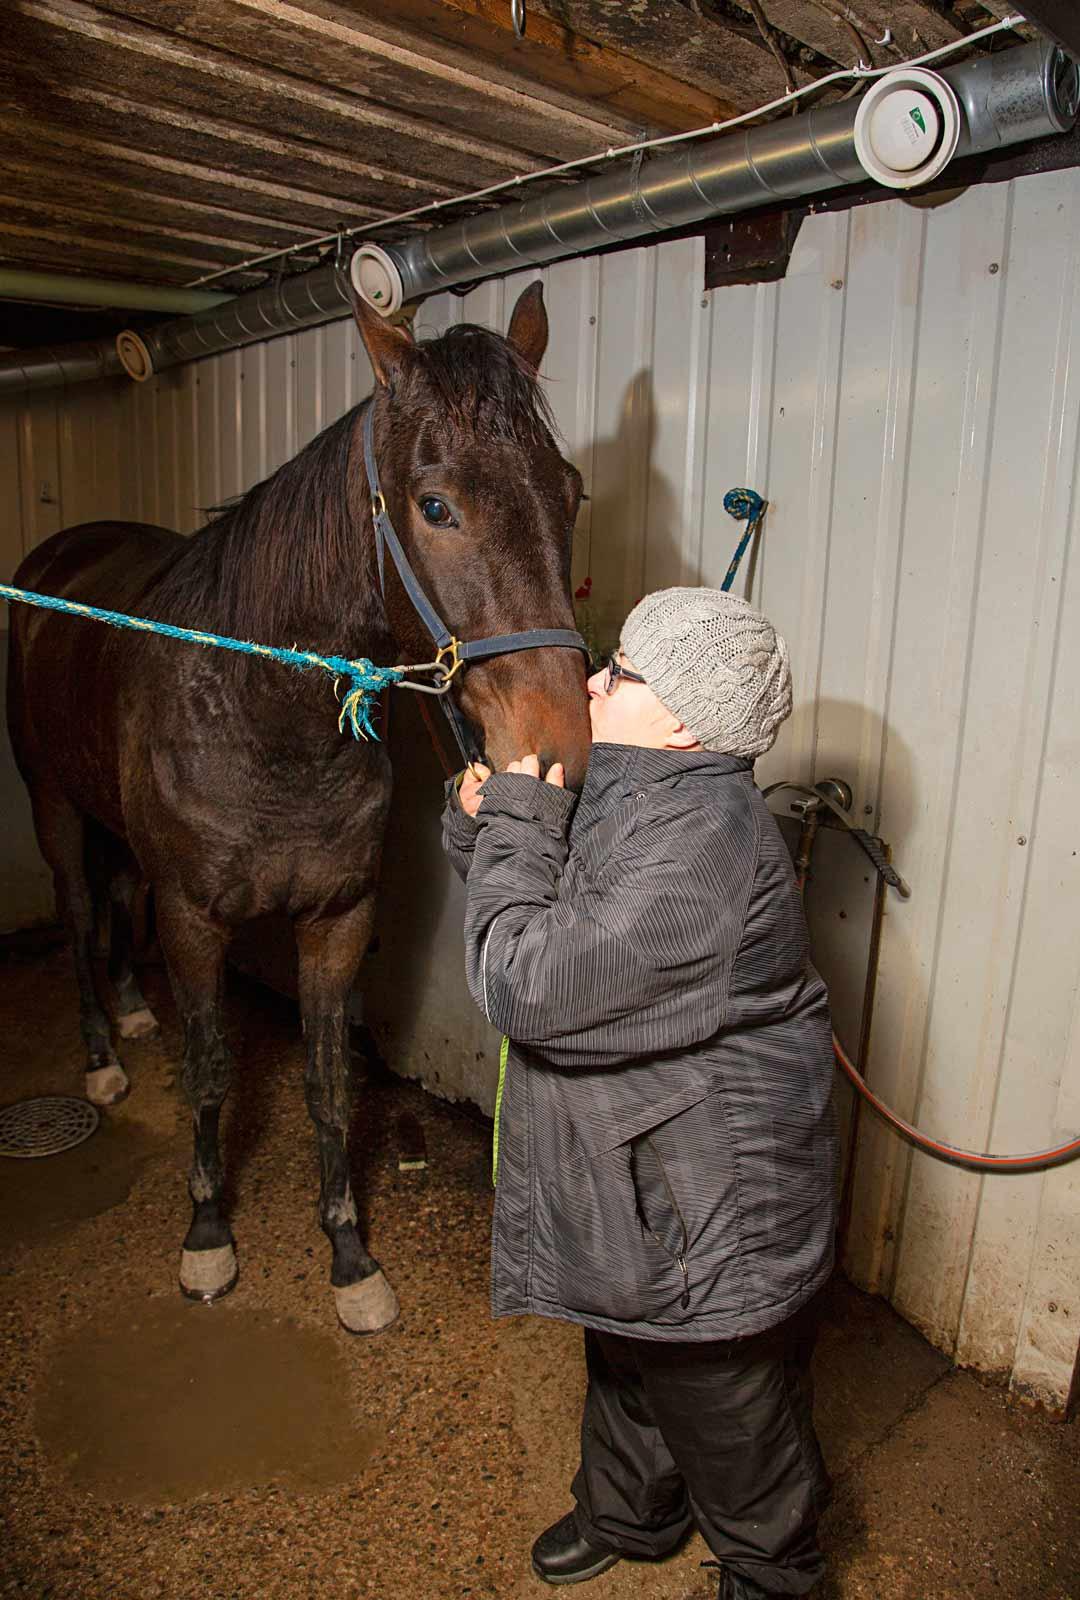 Kiikussa hevoset ovat tottuneet jatkuvaan huomioon ja hellyydenosoituksiin. Miia Heinämö rapsuttaa päivän treenissä ollutta ravuria.